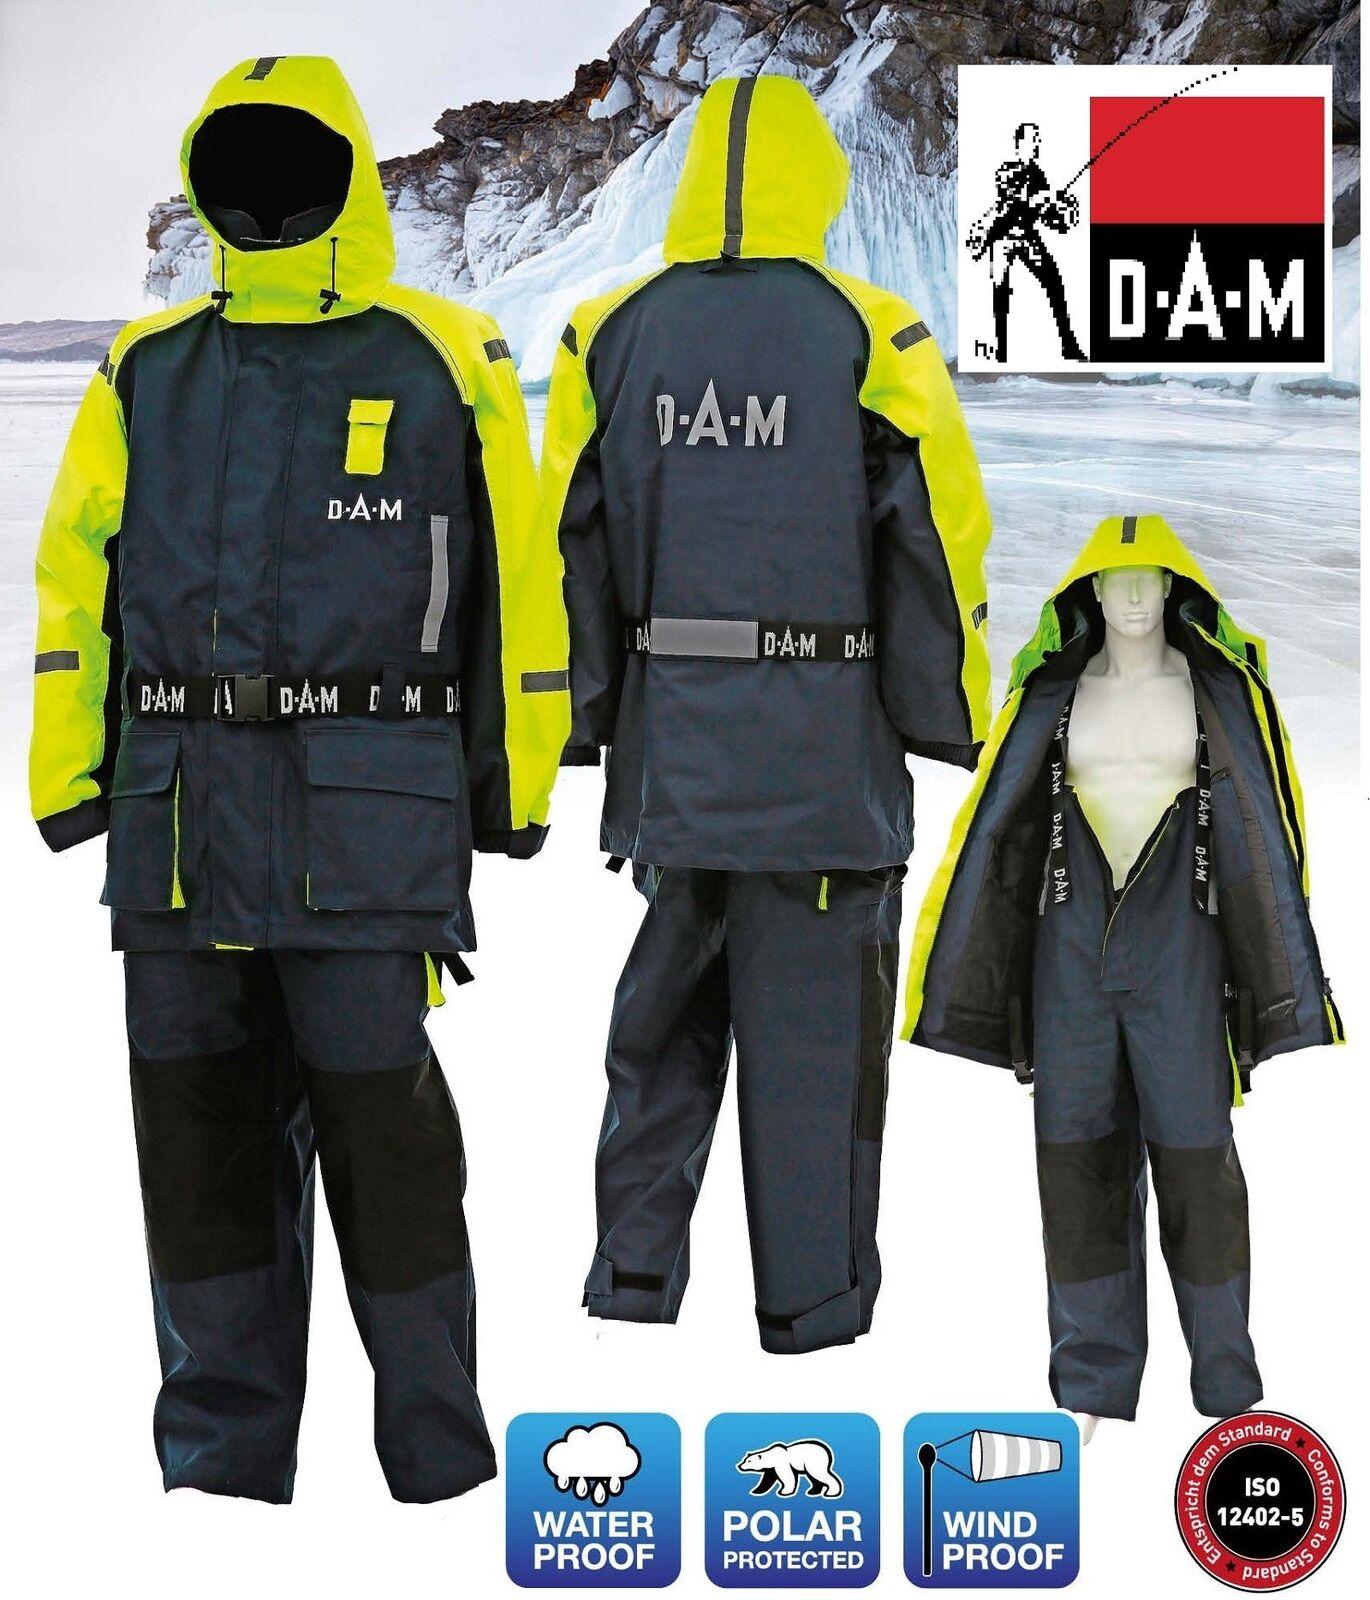 D.A.M SAFETY BOAT SUIT Floatation Fishing Suit   L - XXL Various Sizes